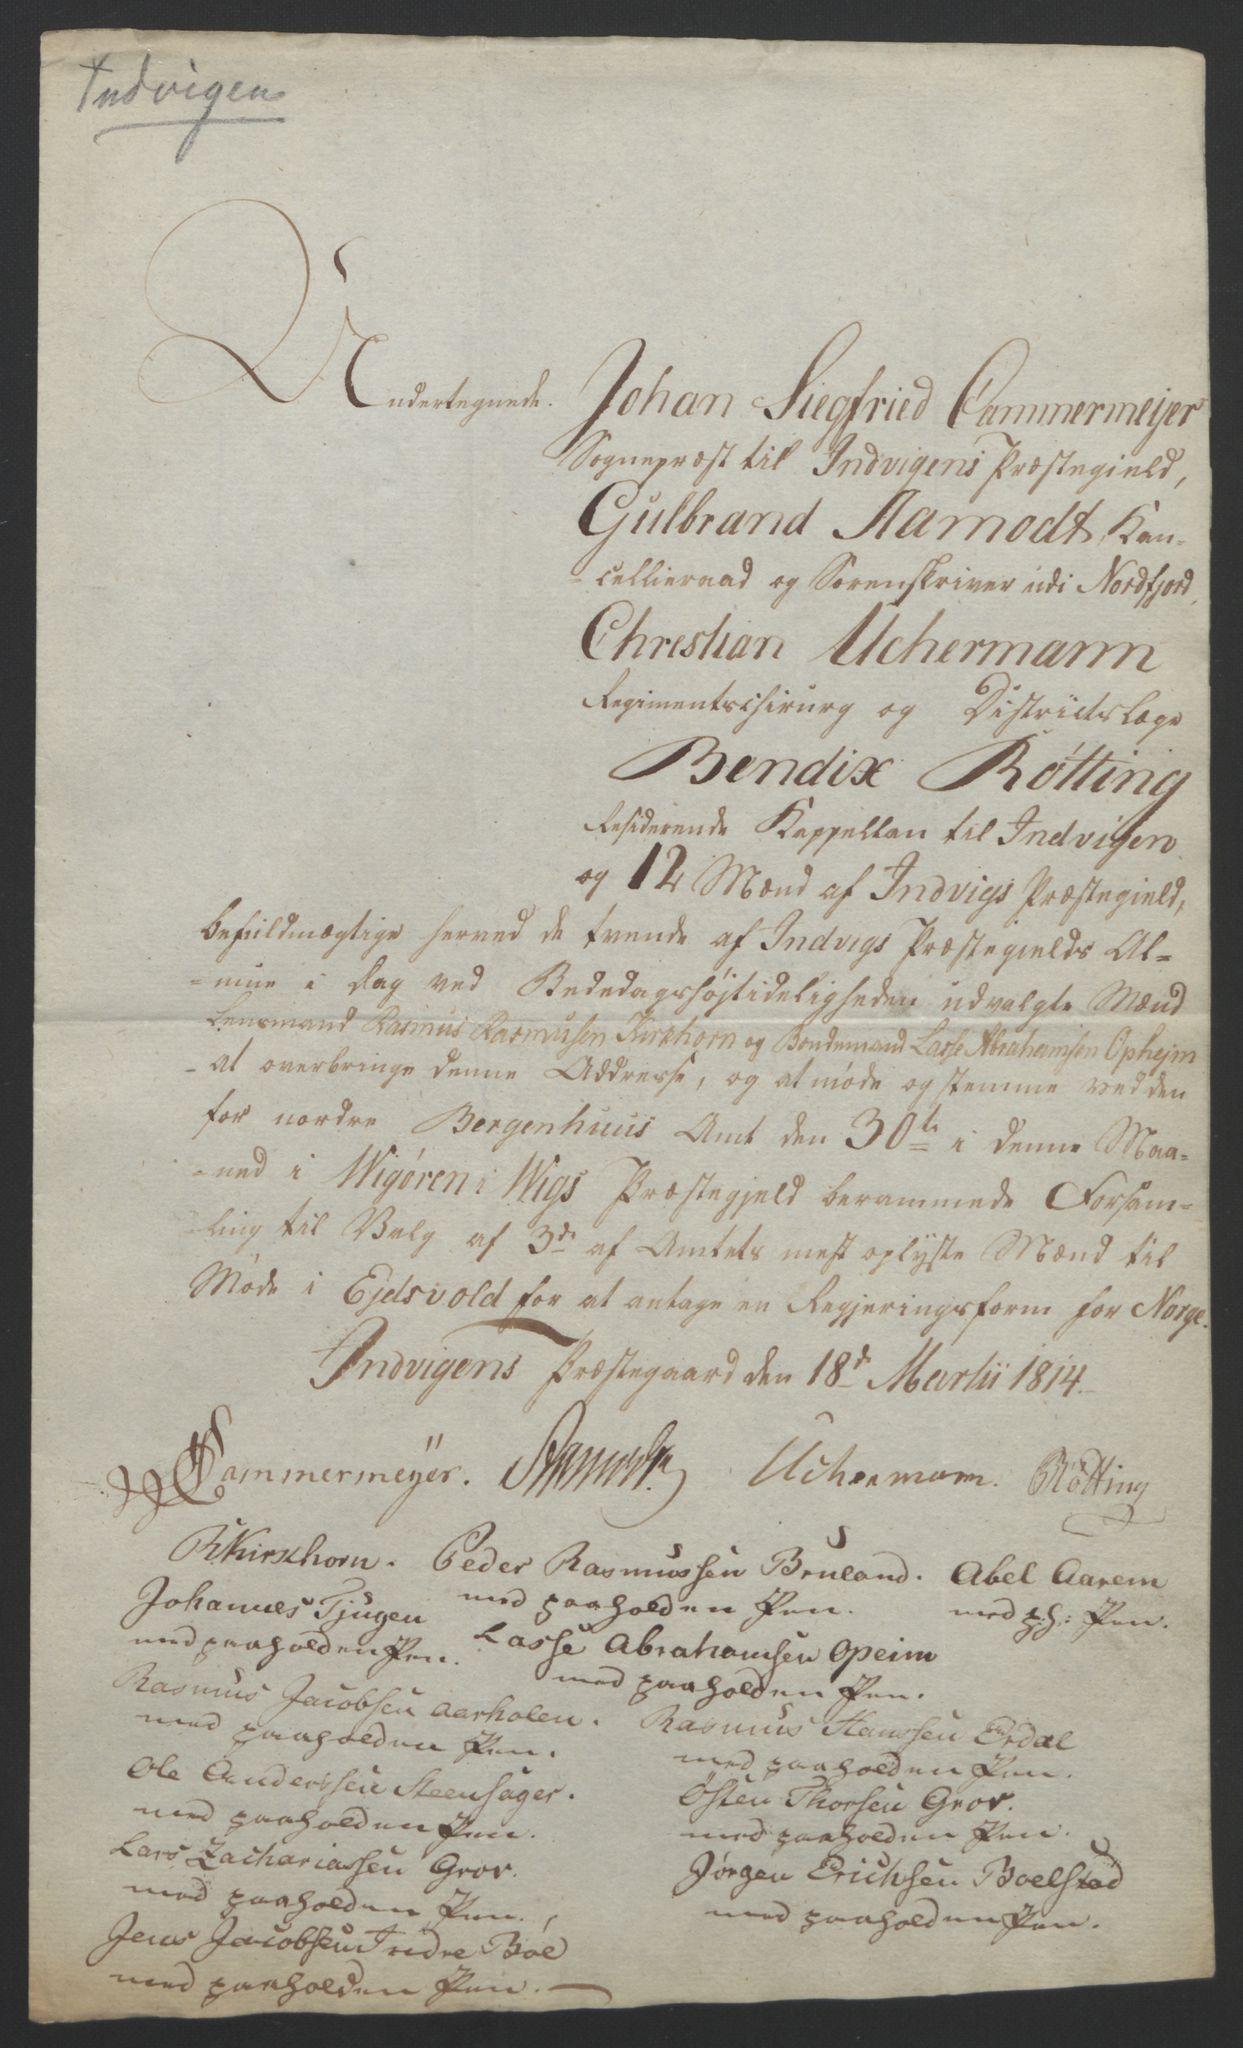 RA, Statsrådssekretariatet, D/Db/L0008: Fullmakter for Eidsvollsrepresentantene i 1814. , 1814, s. 328